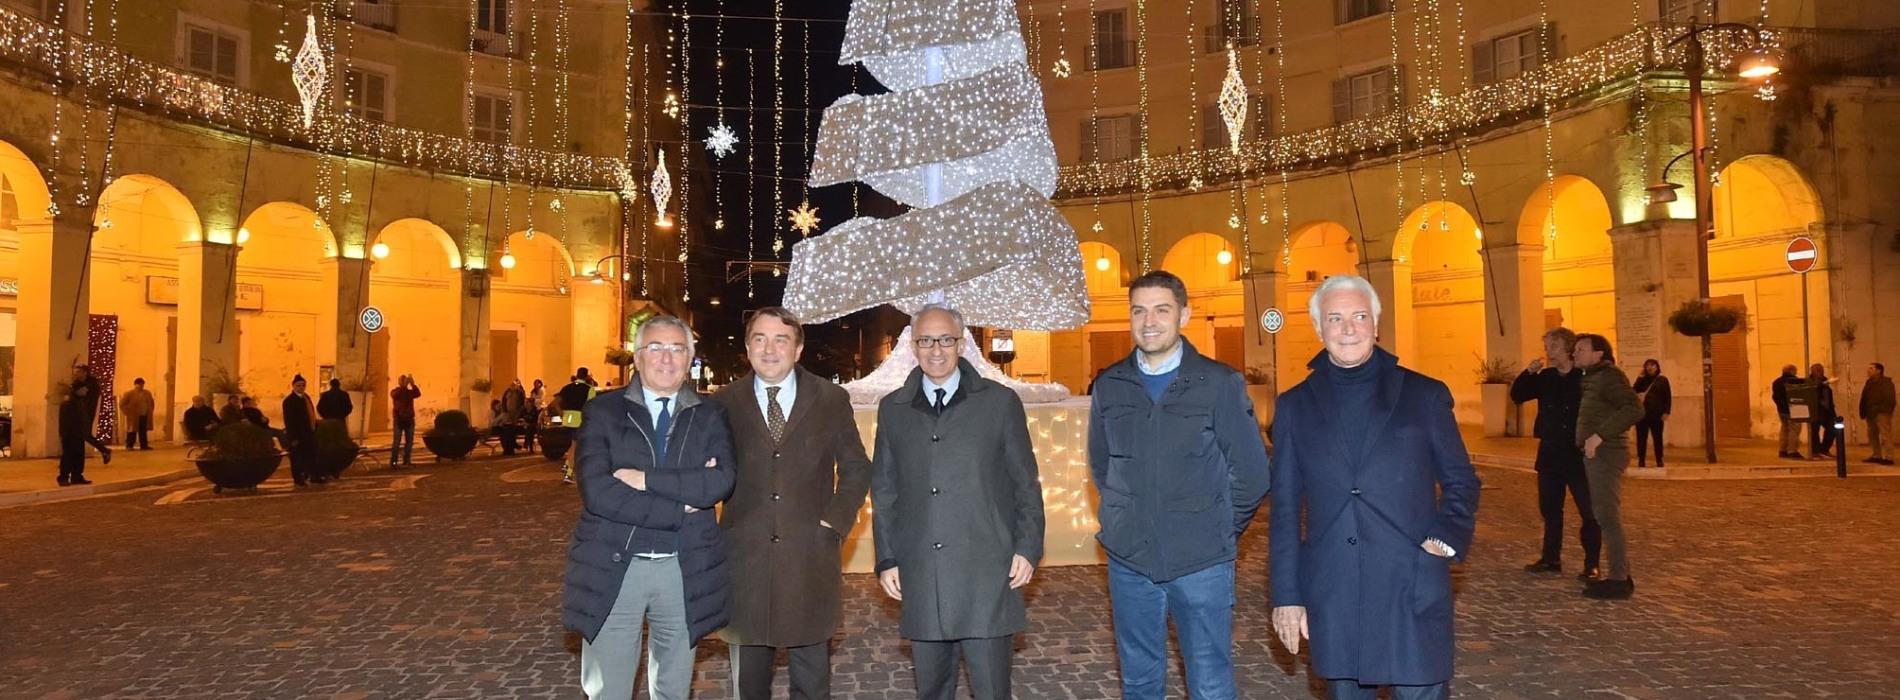 Natale a Caserta, si accendono le mille luci dell'albero